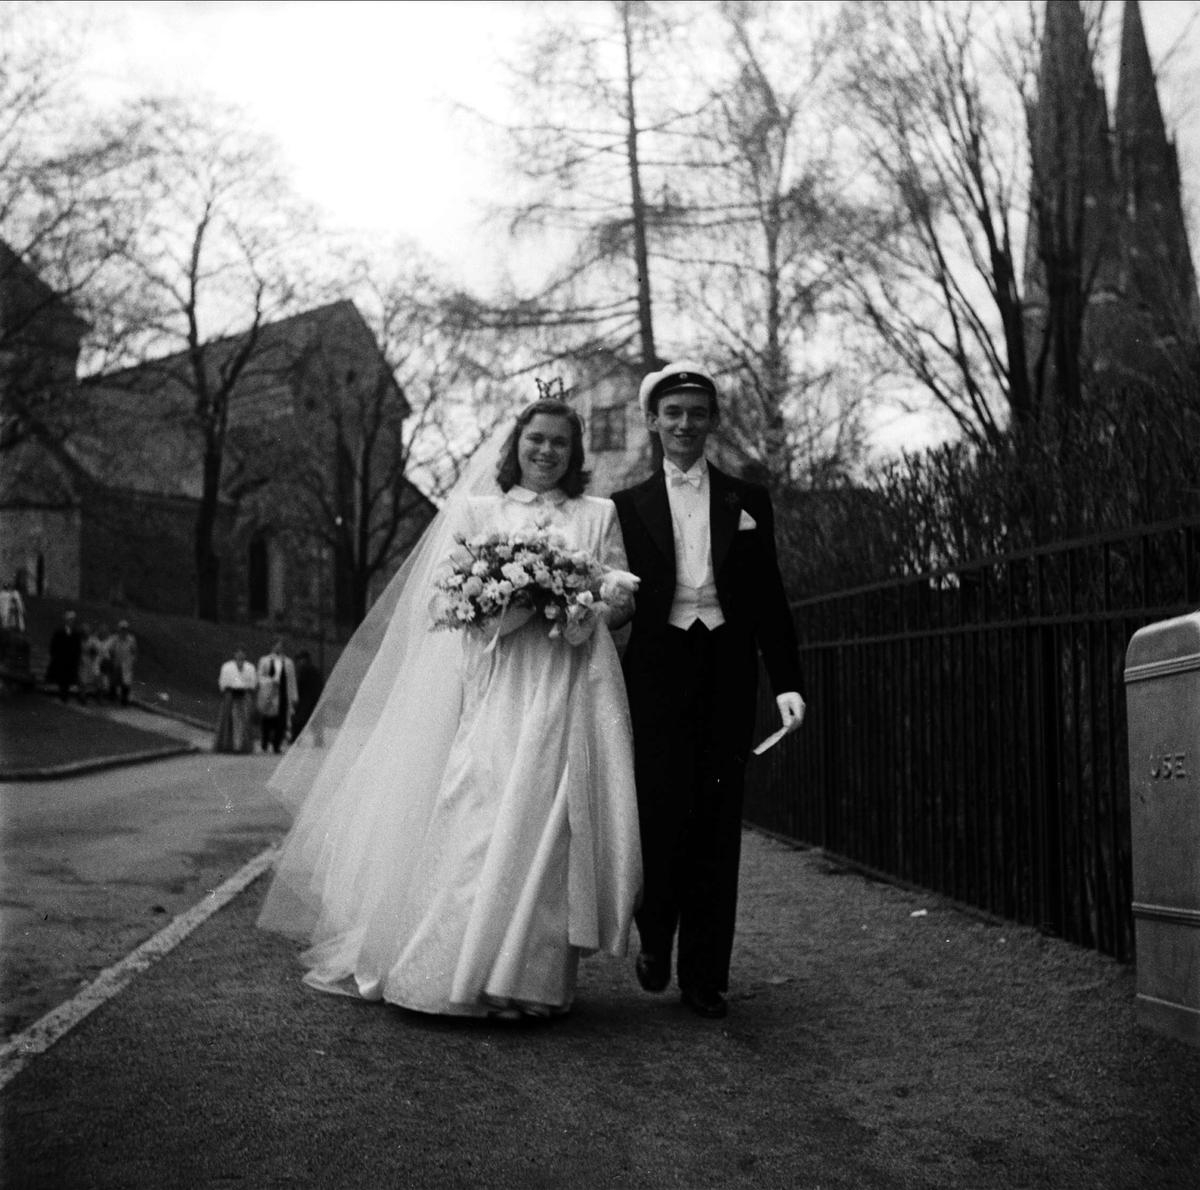 0cec8e7df701 Bröllop - brudparet Stiernstedt utanför Helga Trefaldighets kyrka, Uppsala  1948